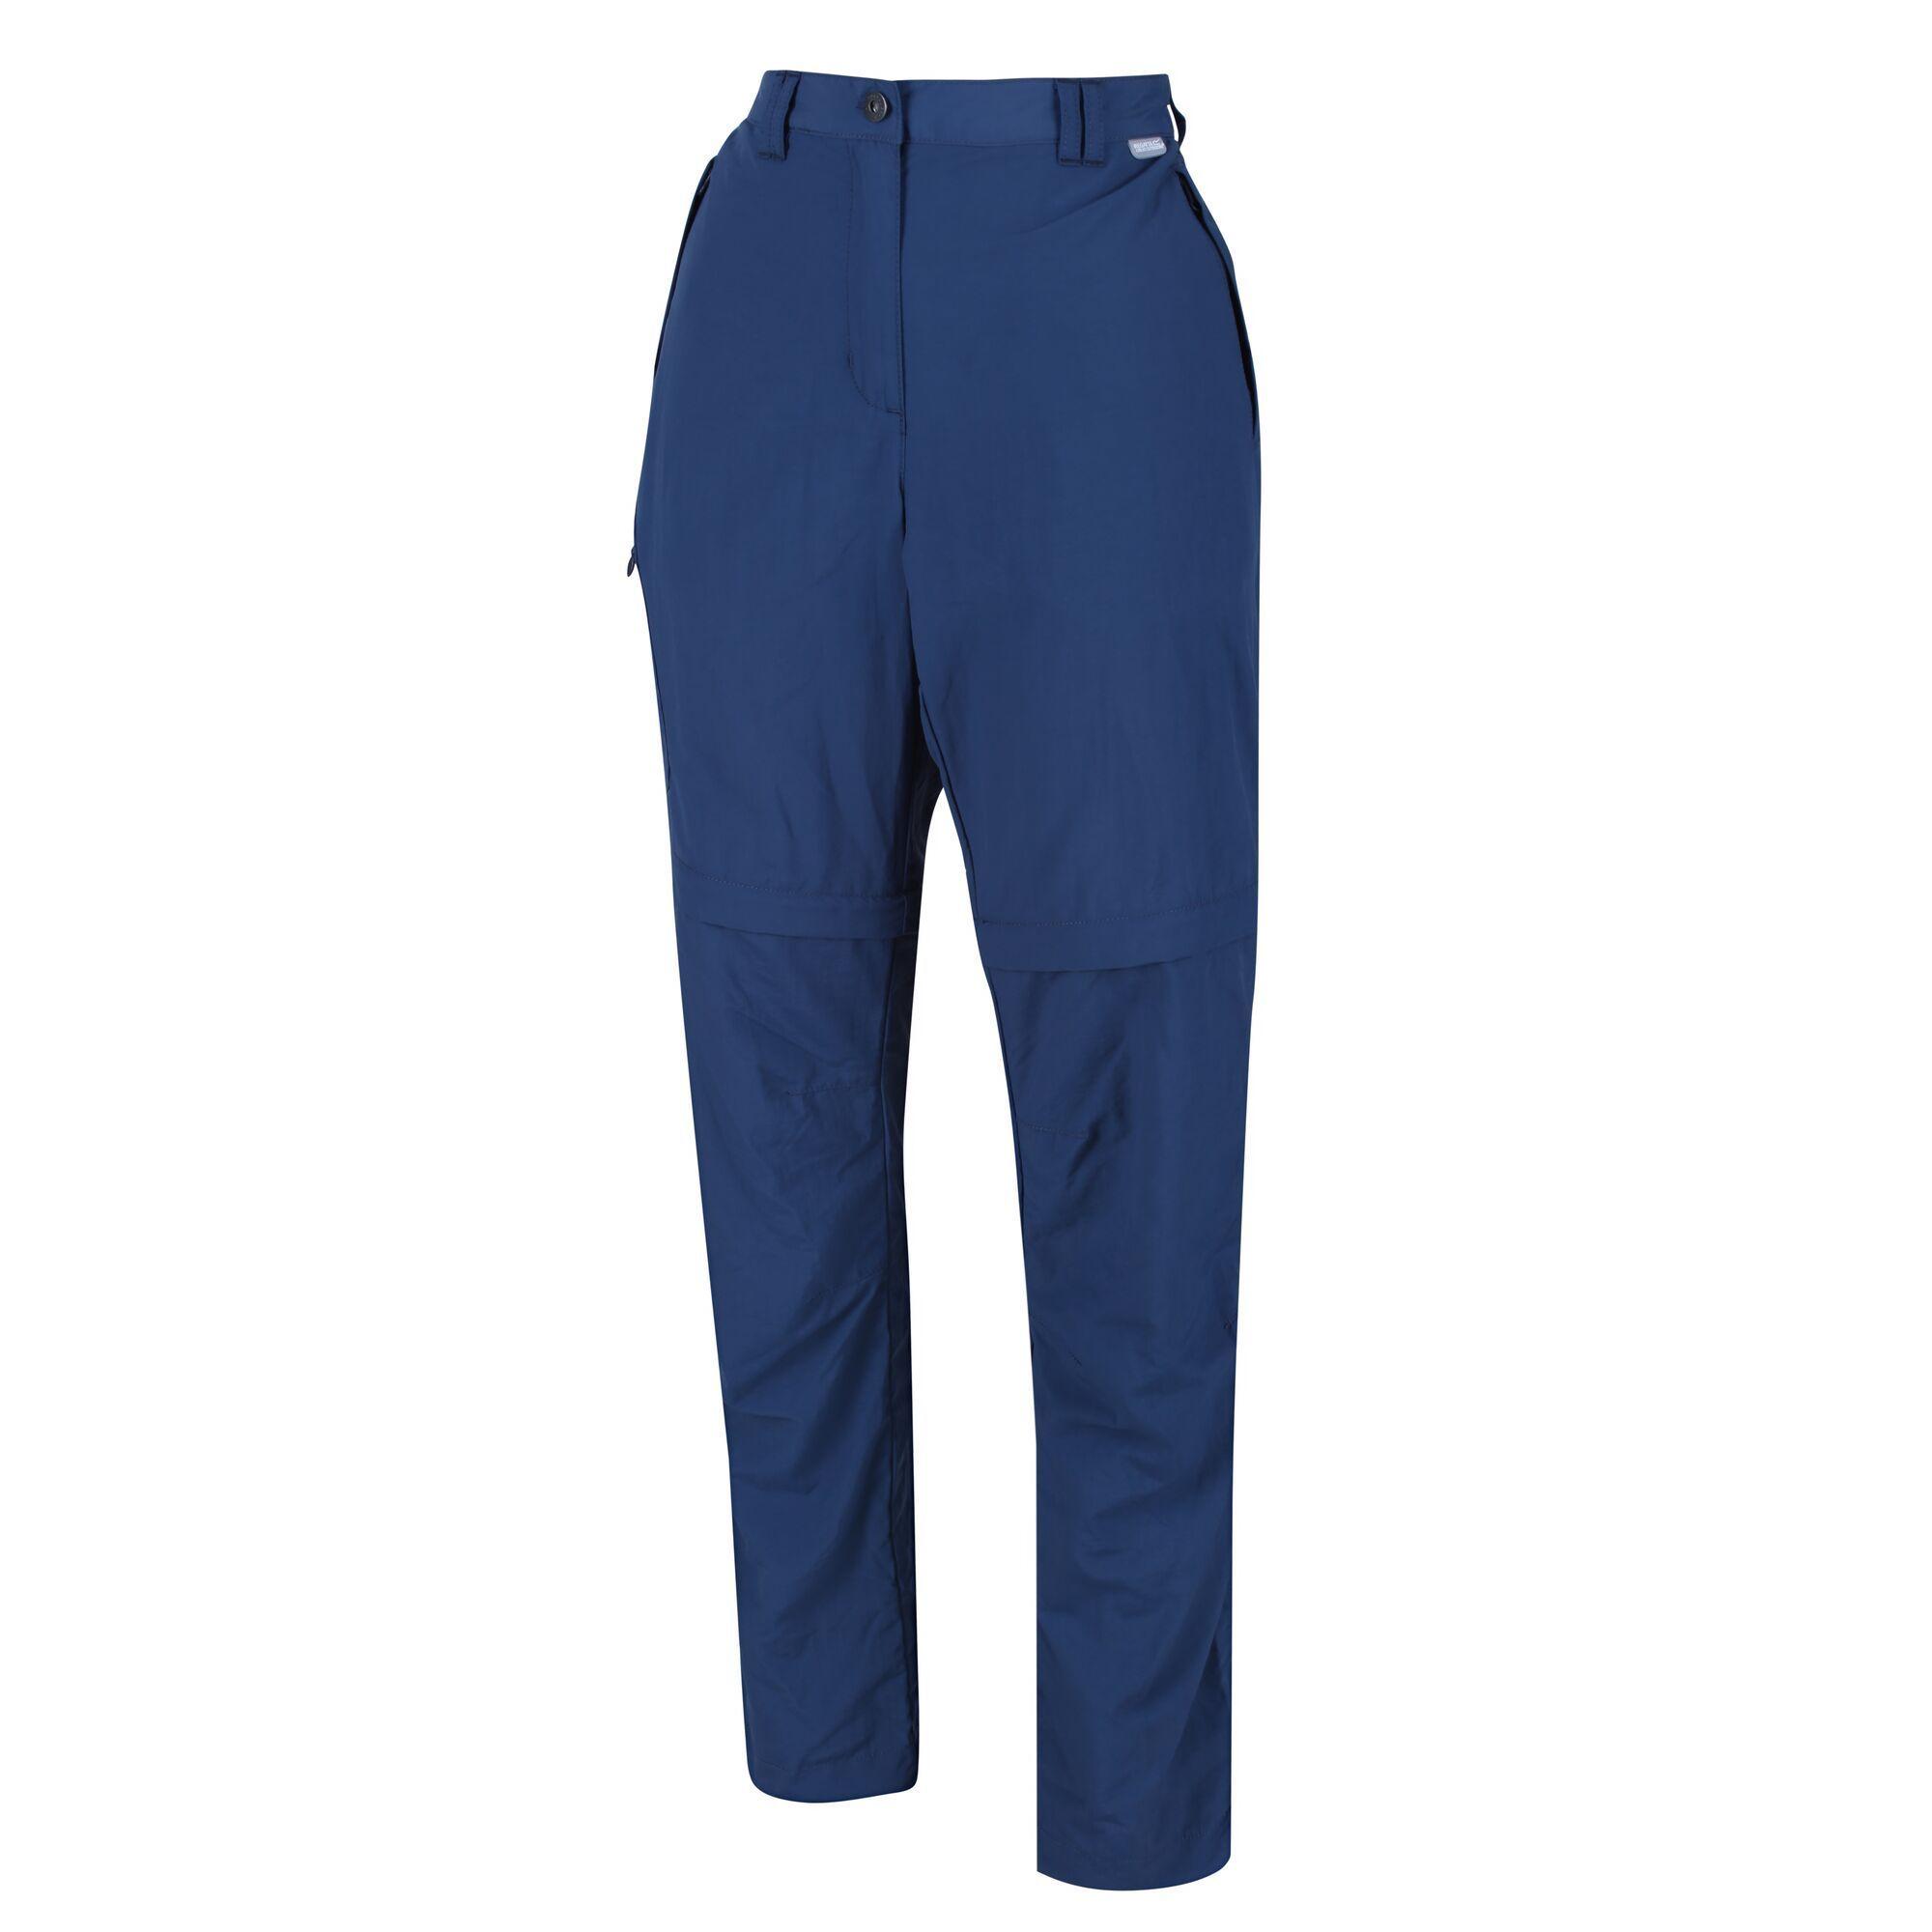 Regatta Womens/Ladies Chaska II Zip Off Trousers